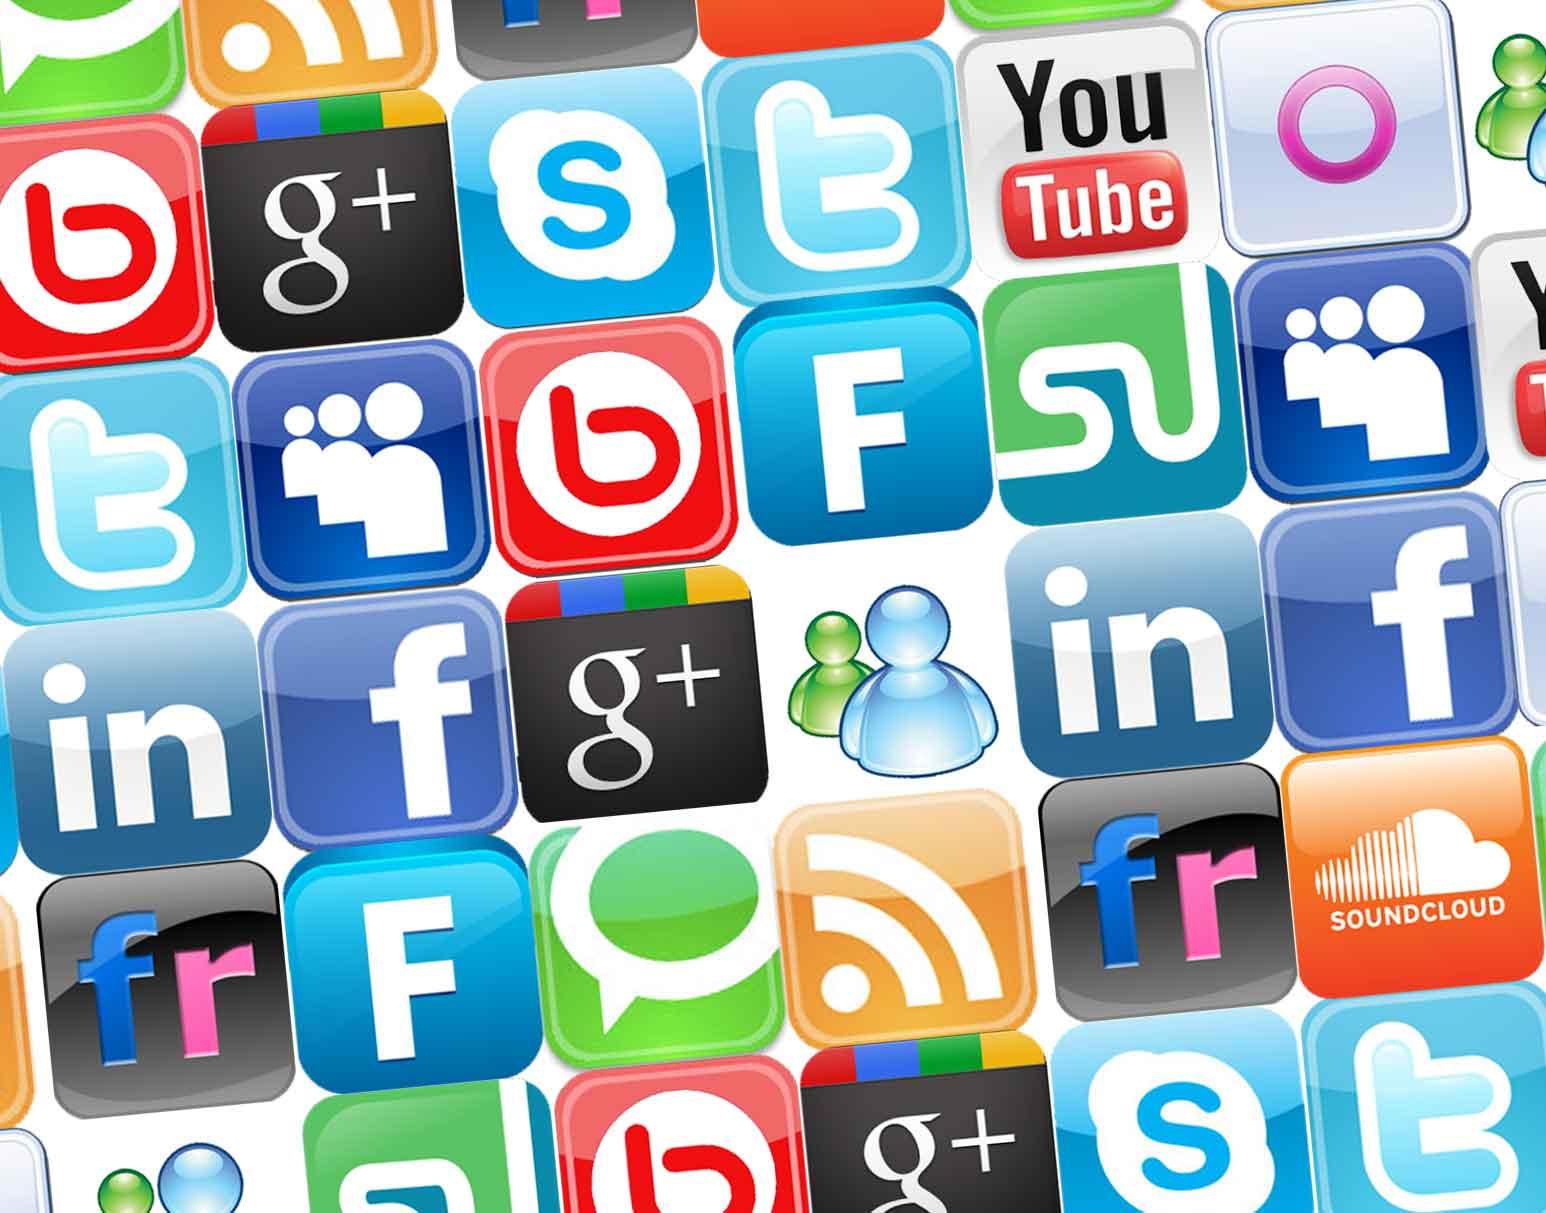 نظام جديد يكشف شائعات مواقع التواصل الاجتماعي